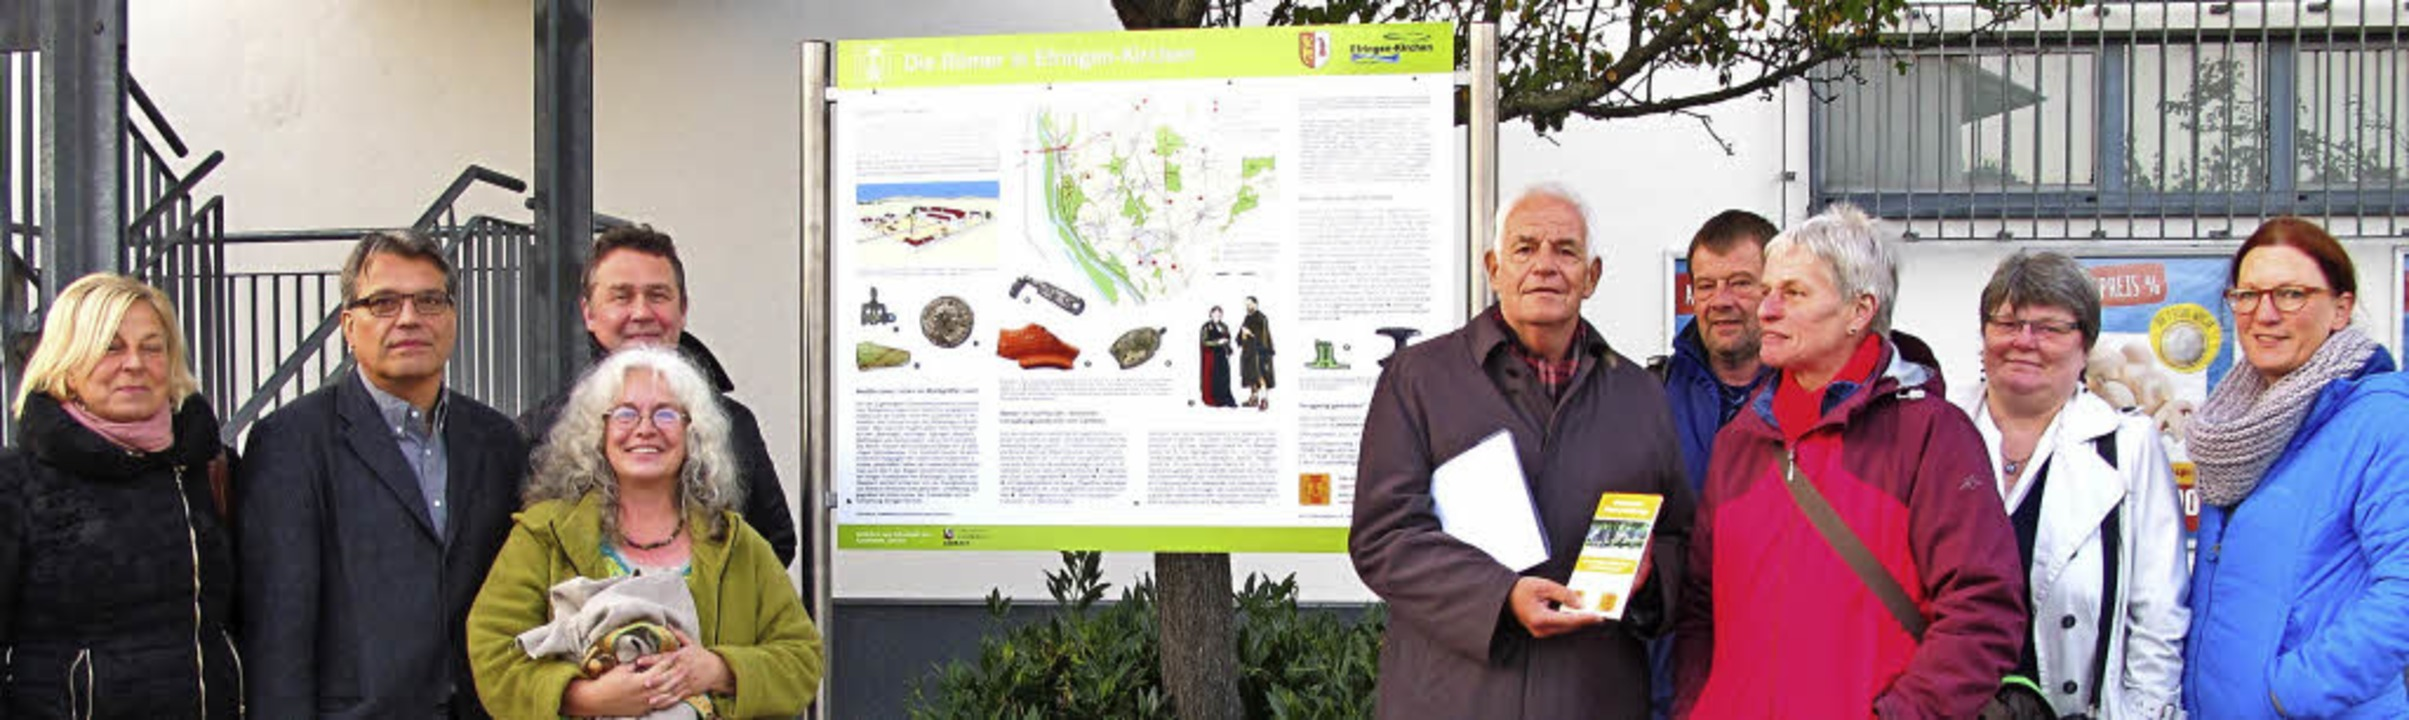 Die Tafel zum Oberrhein Römer-Radweg a... sowie   Vertreter der örtlichen SPD.   | Foto: Cremer